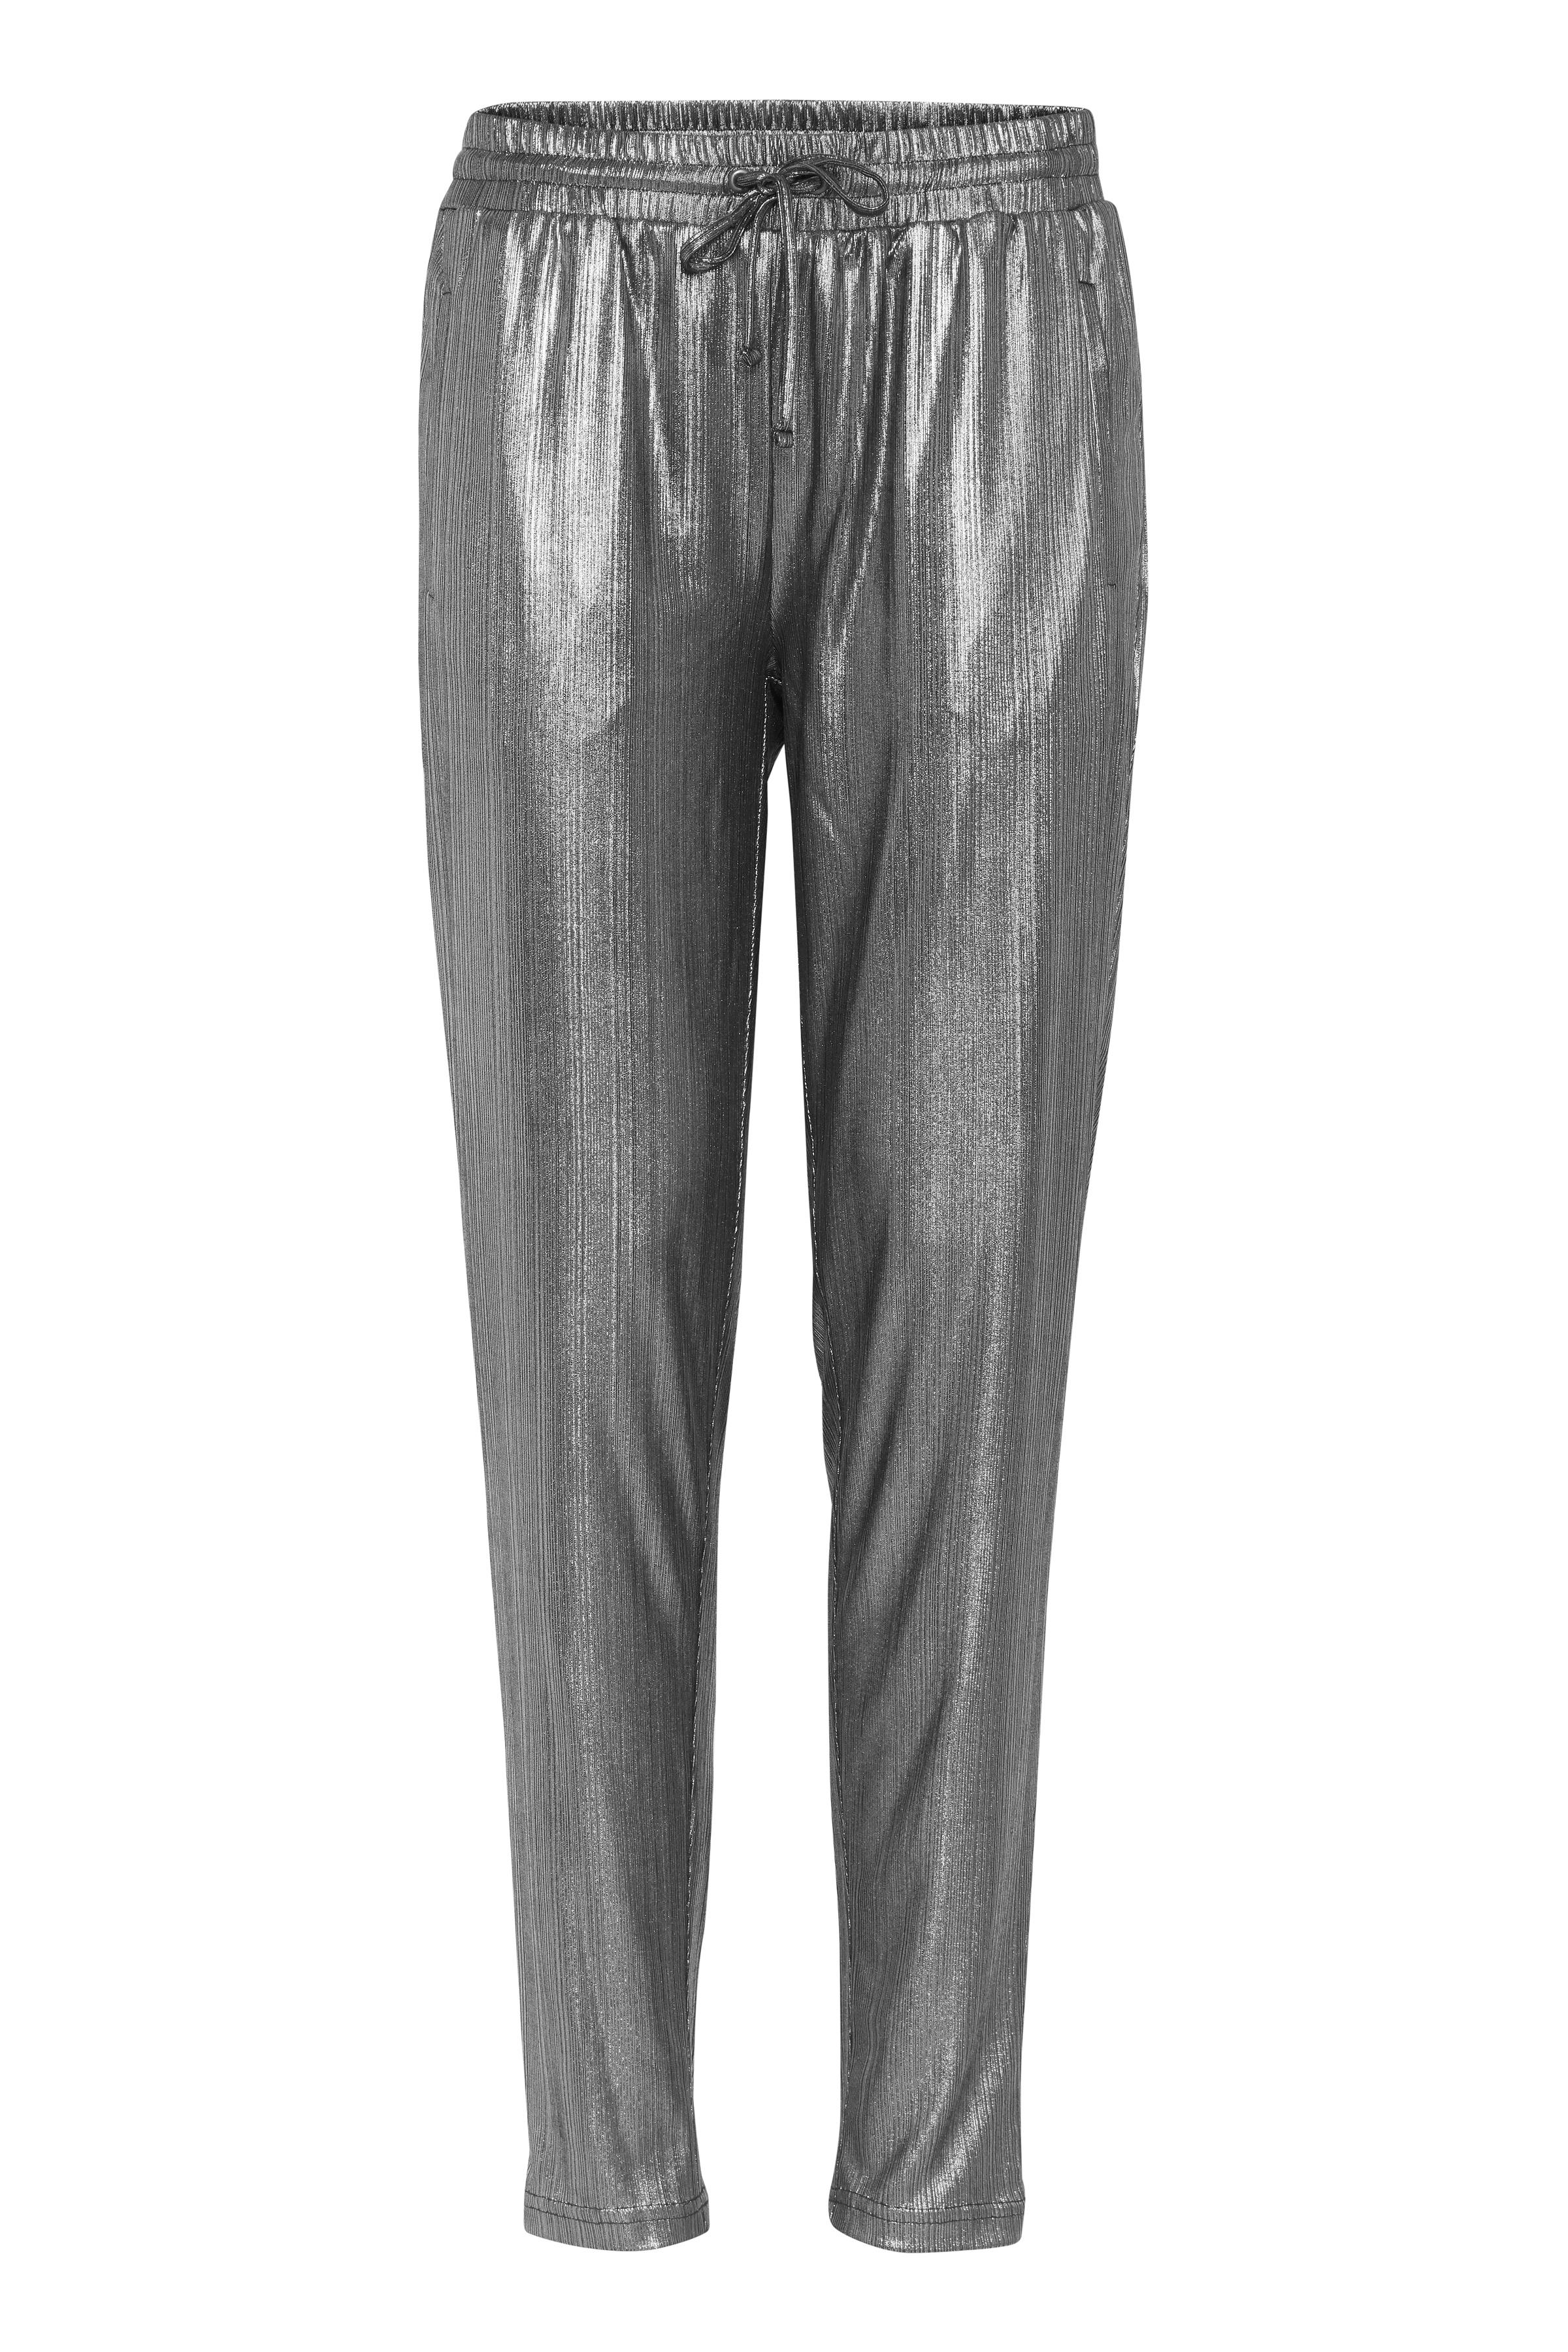 Image of Pulz Jeans Dame Smarte Silver bukser - Sølv